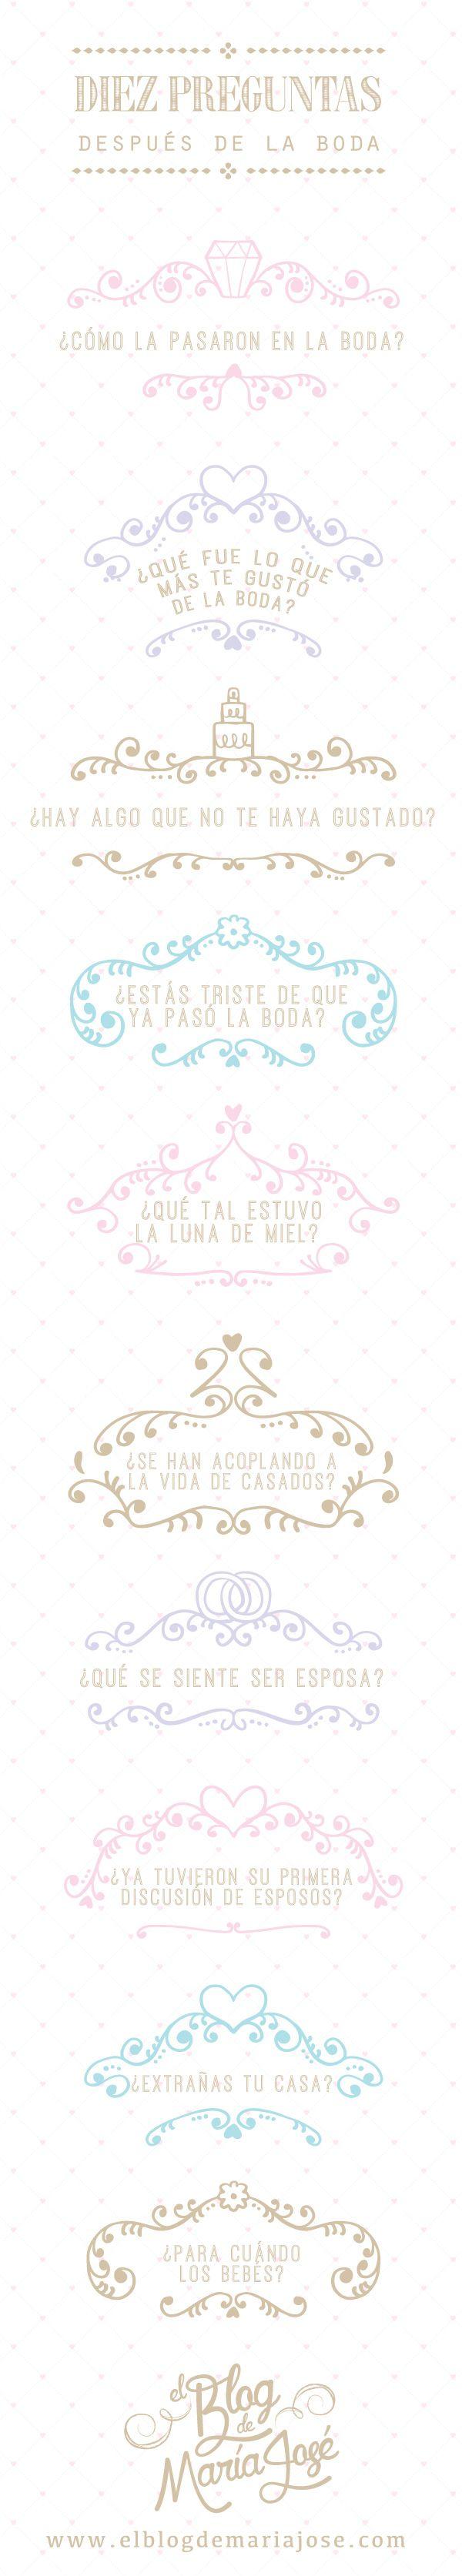 Diez preguntas después de la boda que seguramente escucharás #bodas #ElBlogdeMaríaJosé #despuésdelaboda